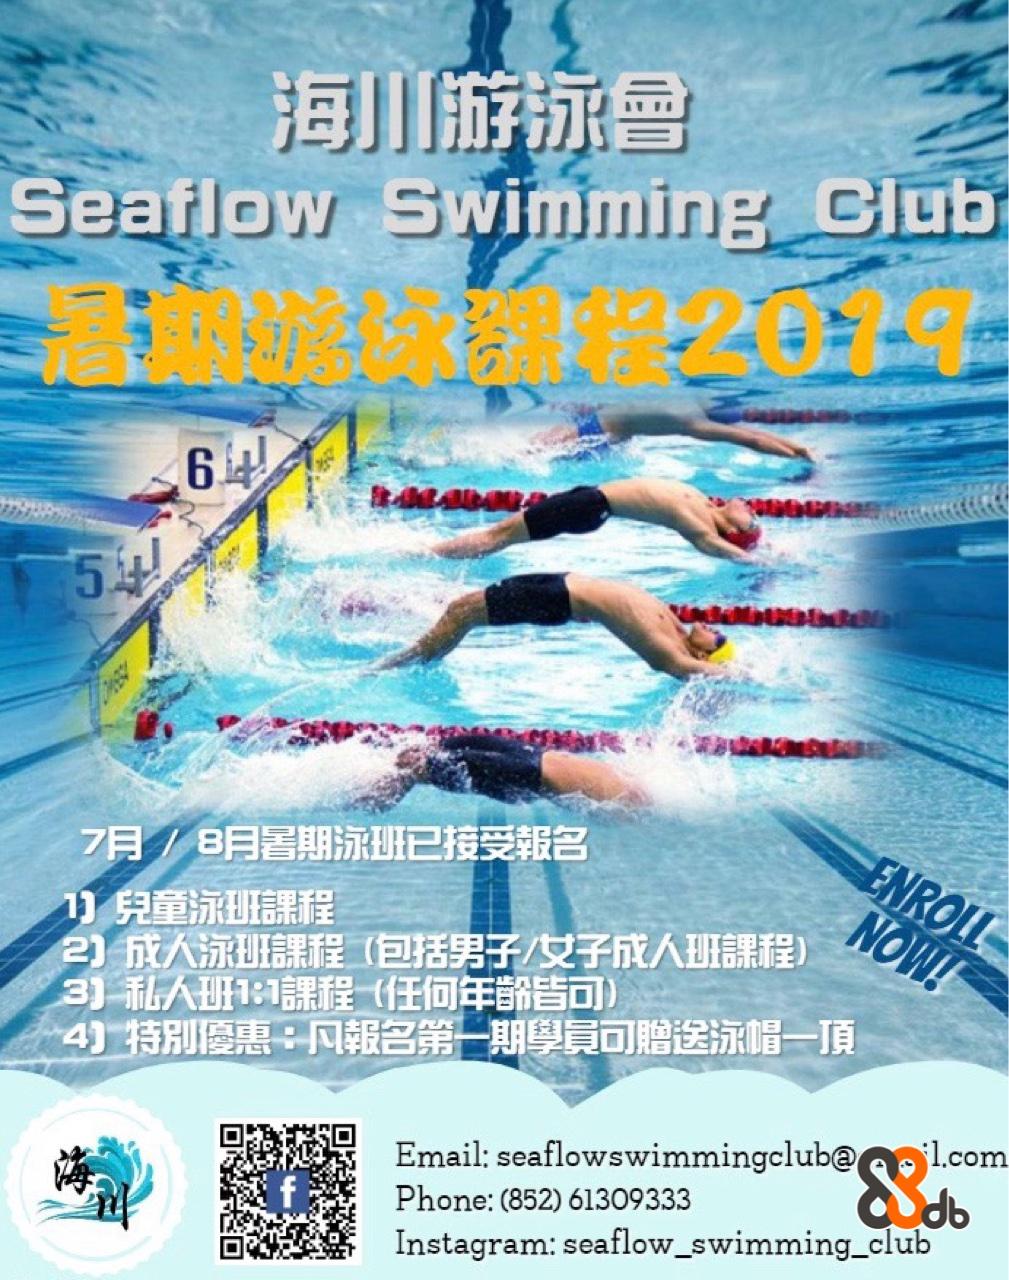 """海111游泳會 Seaflow Swimming Club 2期游泳課程2013 64 7月/ 8月暑期泳班已接受報名 2)成天泳班課程(包括男子/女子成人班課程) 31-私人班1:1課程(任何年齡皆可) 4)""""特別優惠-·-凡報名第一期學員可贈送泳帽一頂 Email: seaflowswimmingclubom Phone: (852) 61309333 Instagram: seaflow_swimming club db  Swimming,Recreation,Swimmer,Leisure centre,Freestyle swimming"""